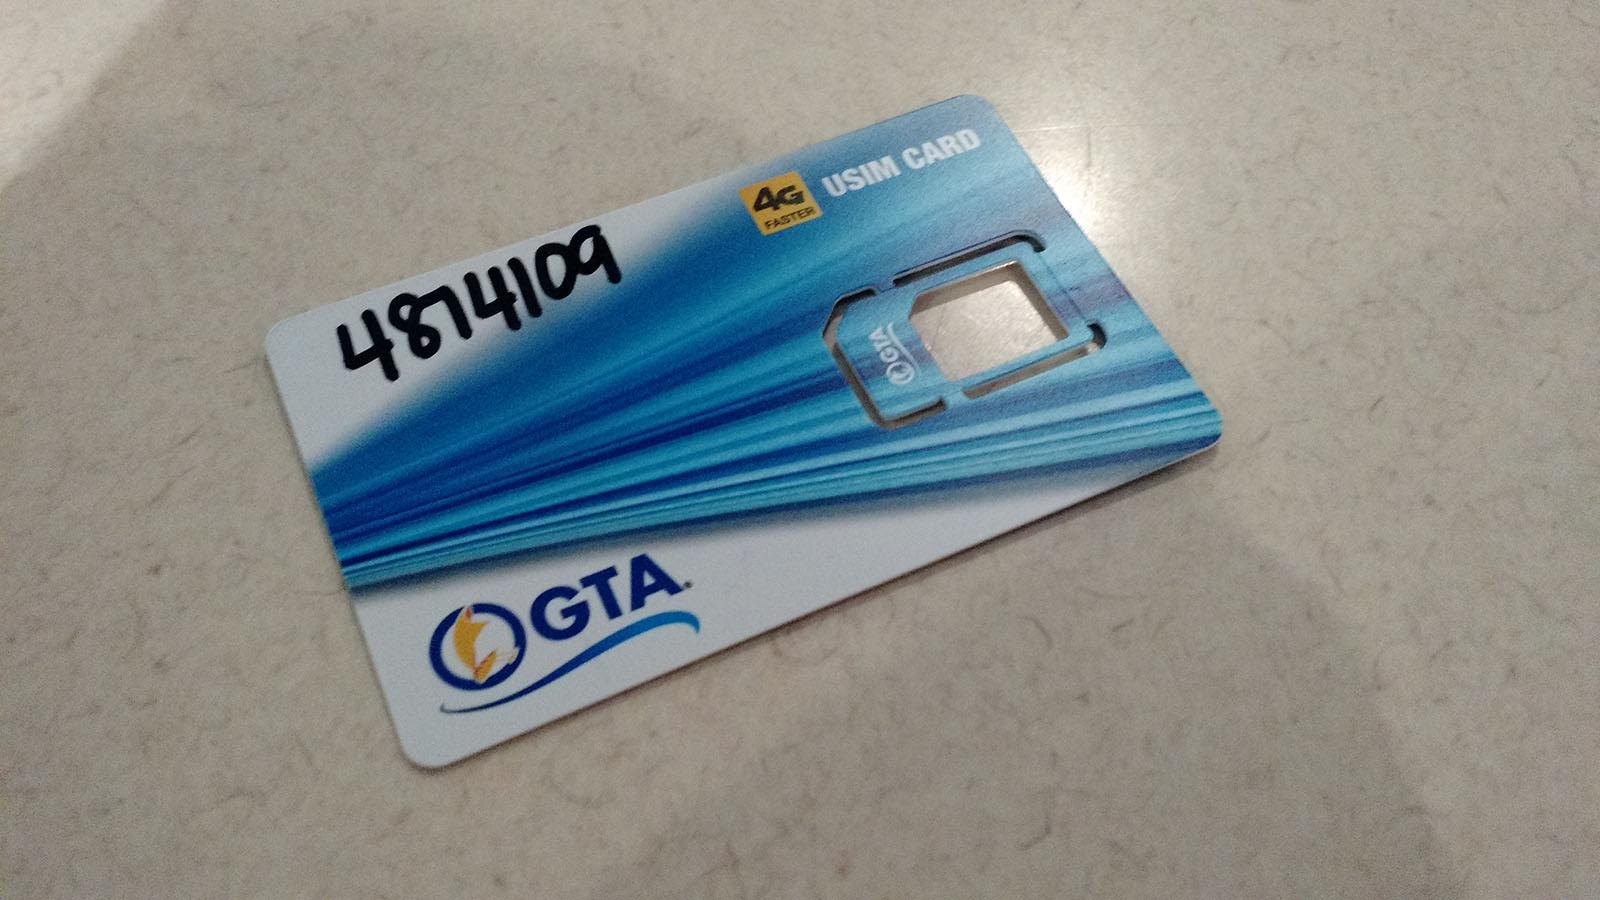 gta-prepaid-sim-card